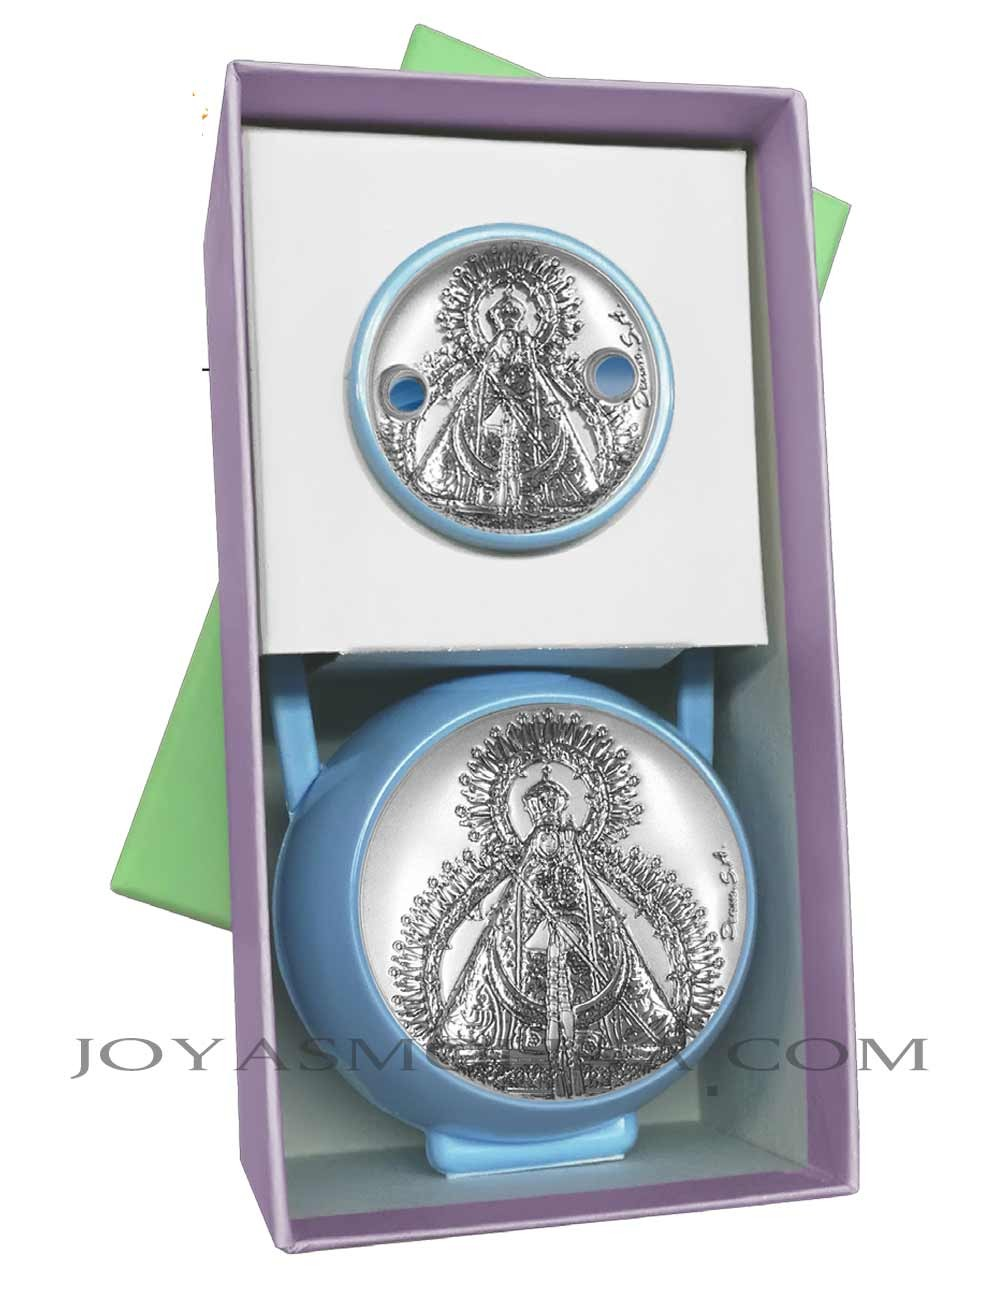 conjunto Pinza y porta chupete Virgen de la Cabeza azul